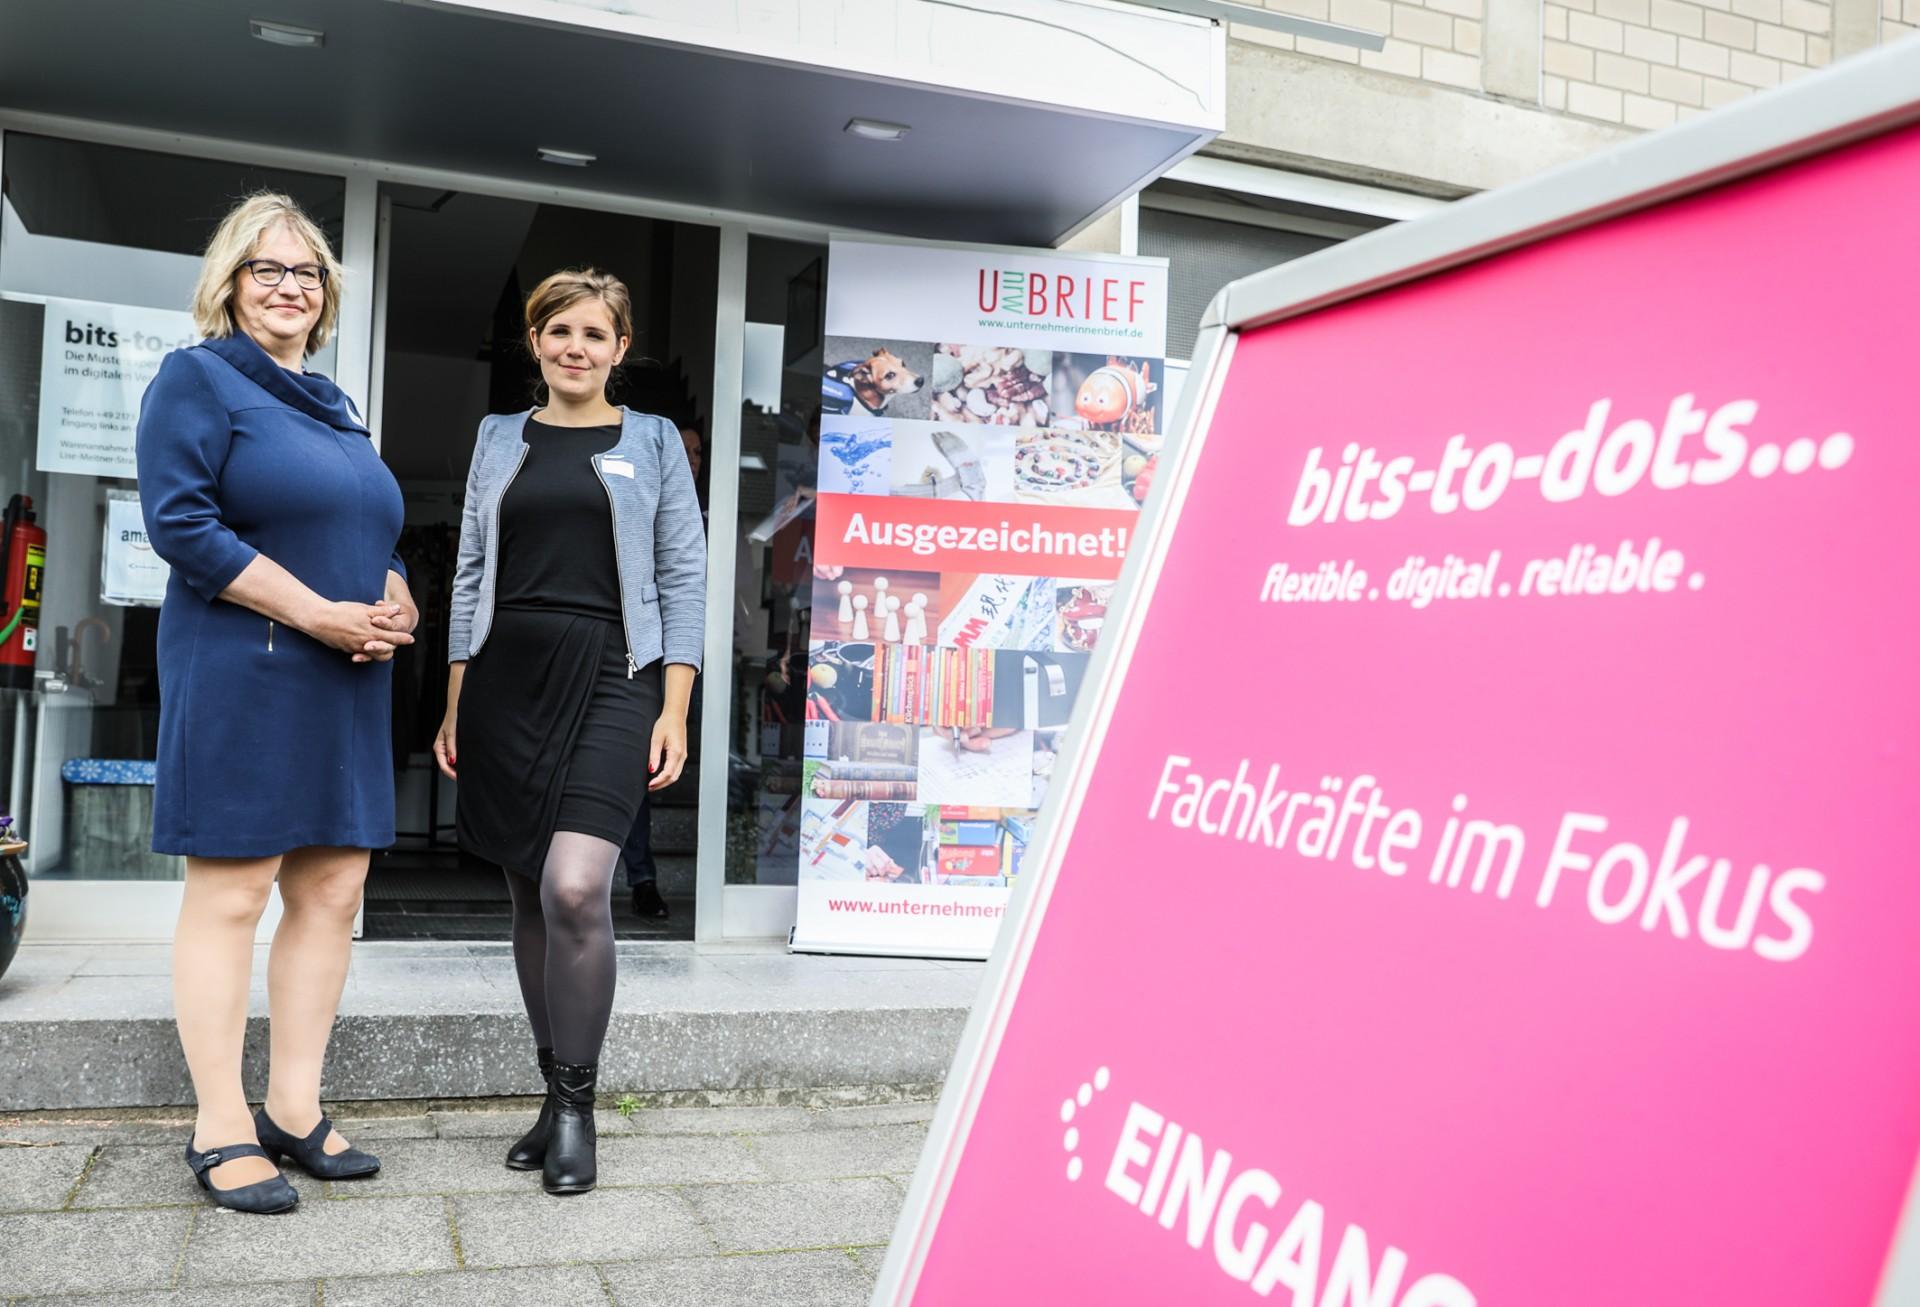 Andrea Berrenbaum von bits-to-dots und Johanna Torkuhl vom Kompetenzzentrum vor dem Eingang zu bits-to-dots